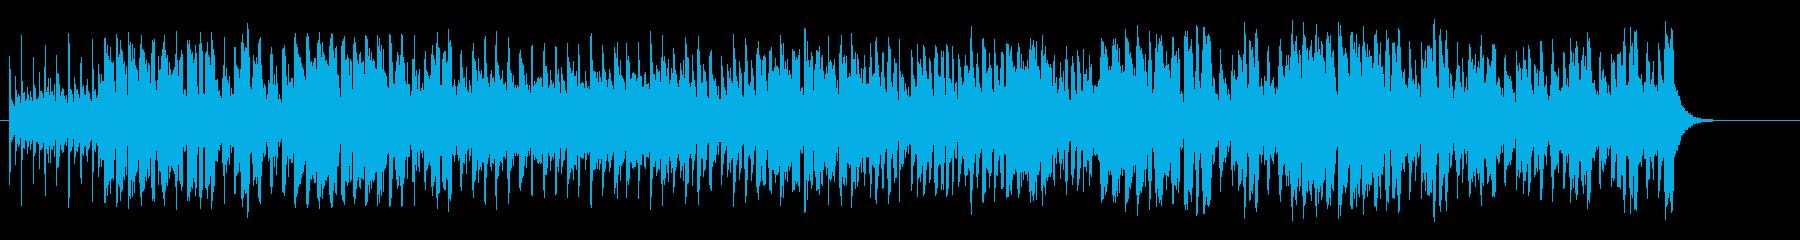 エスニックで和風なワールドポップスの再生済みの波形